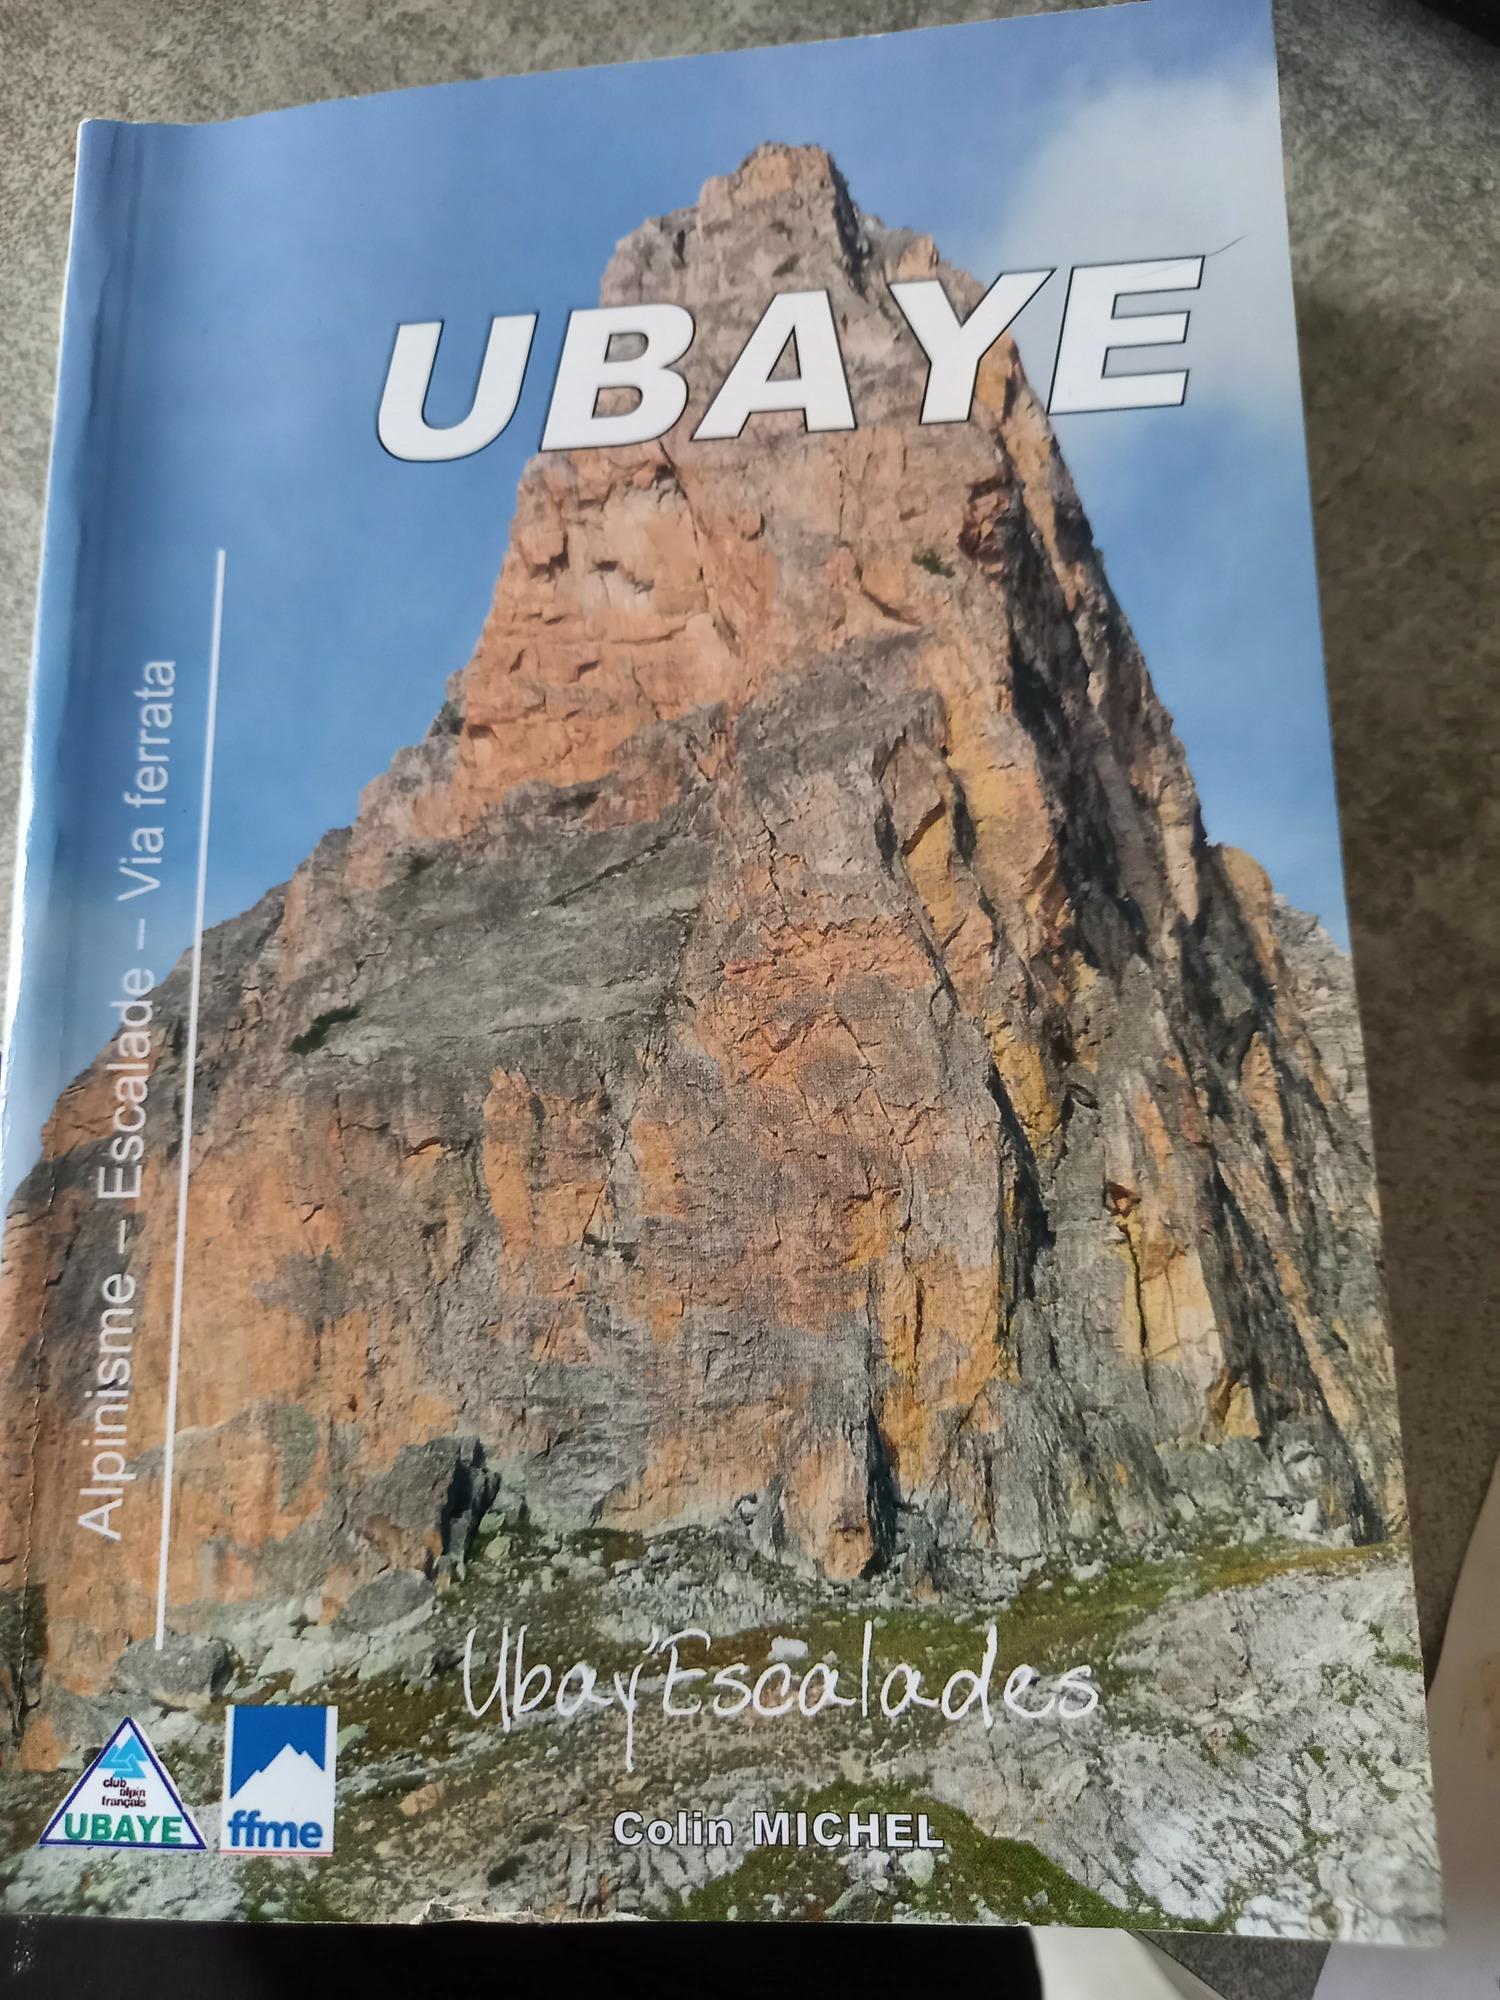 colin michel Ubay'escalade